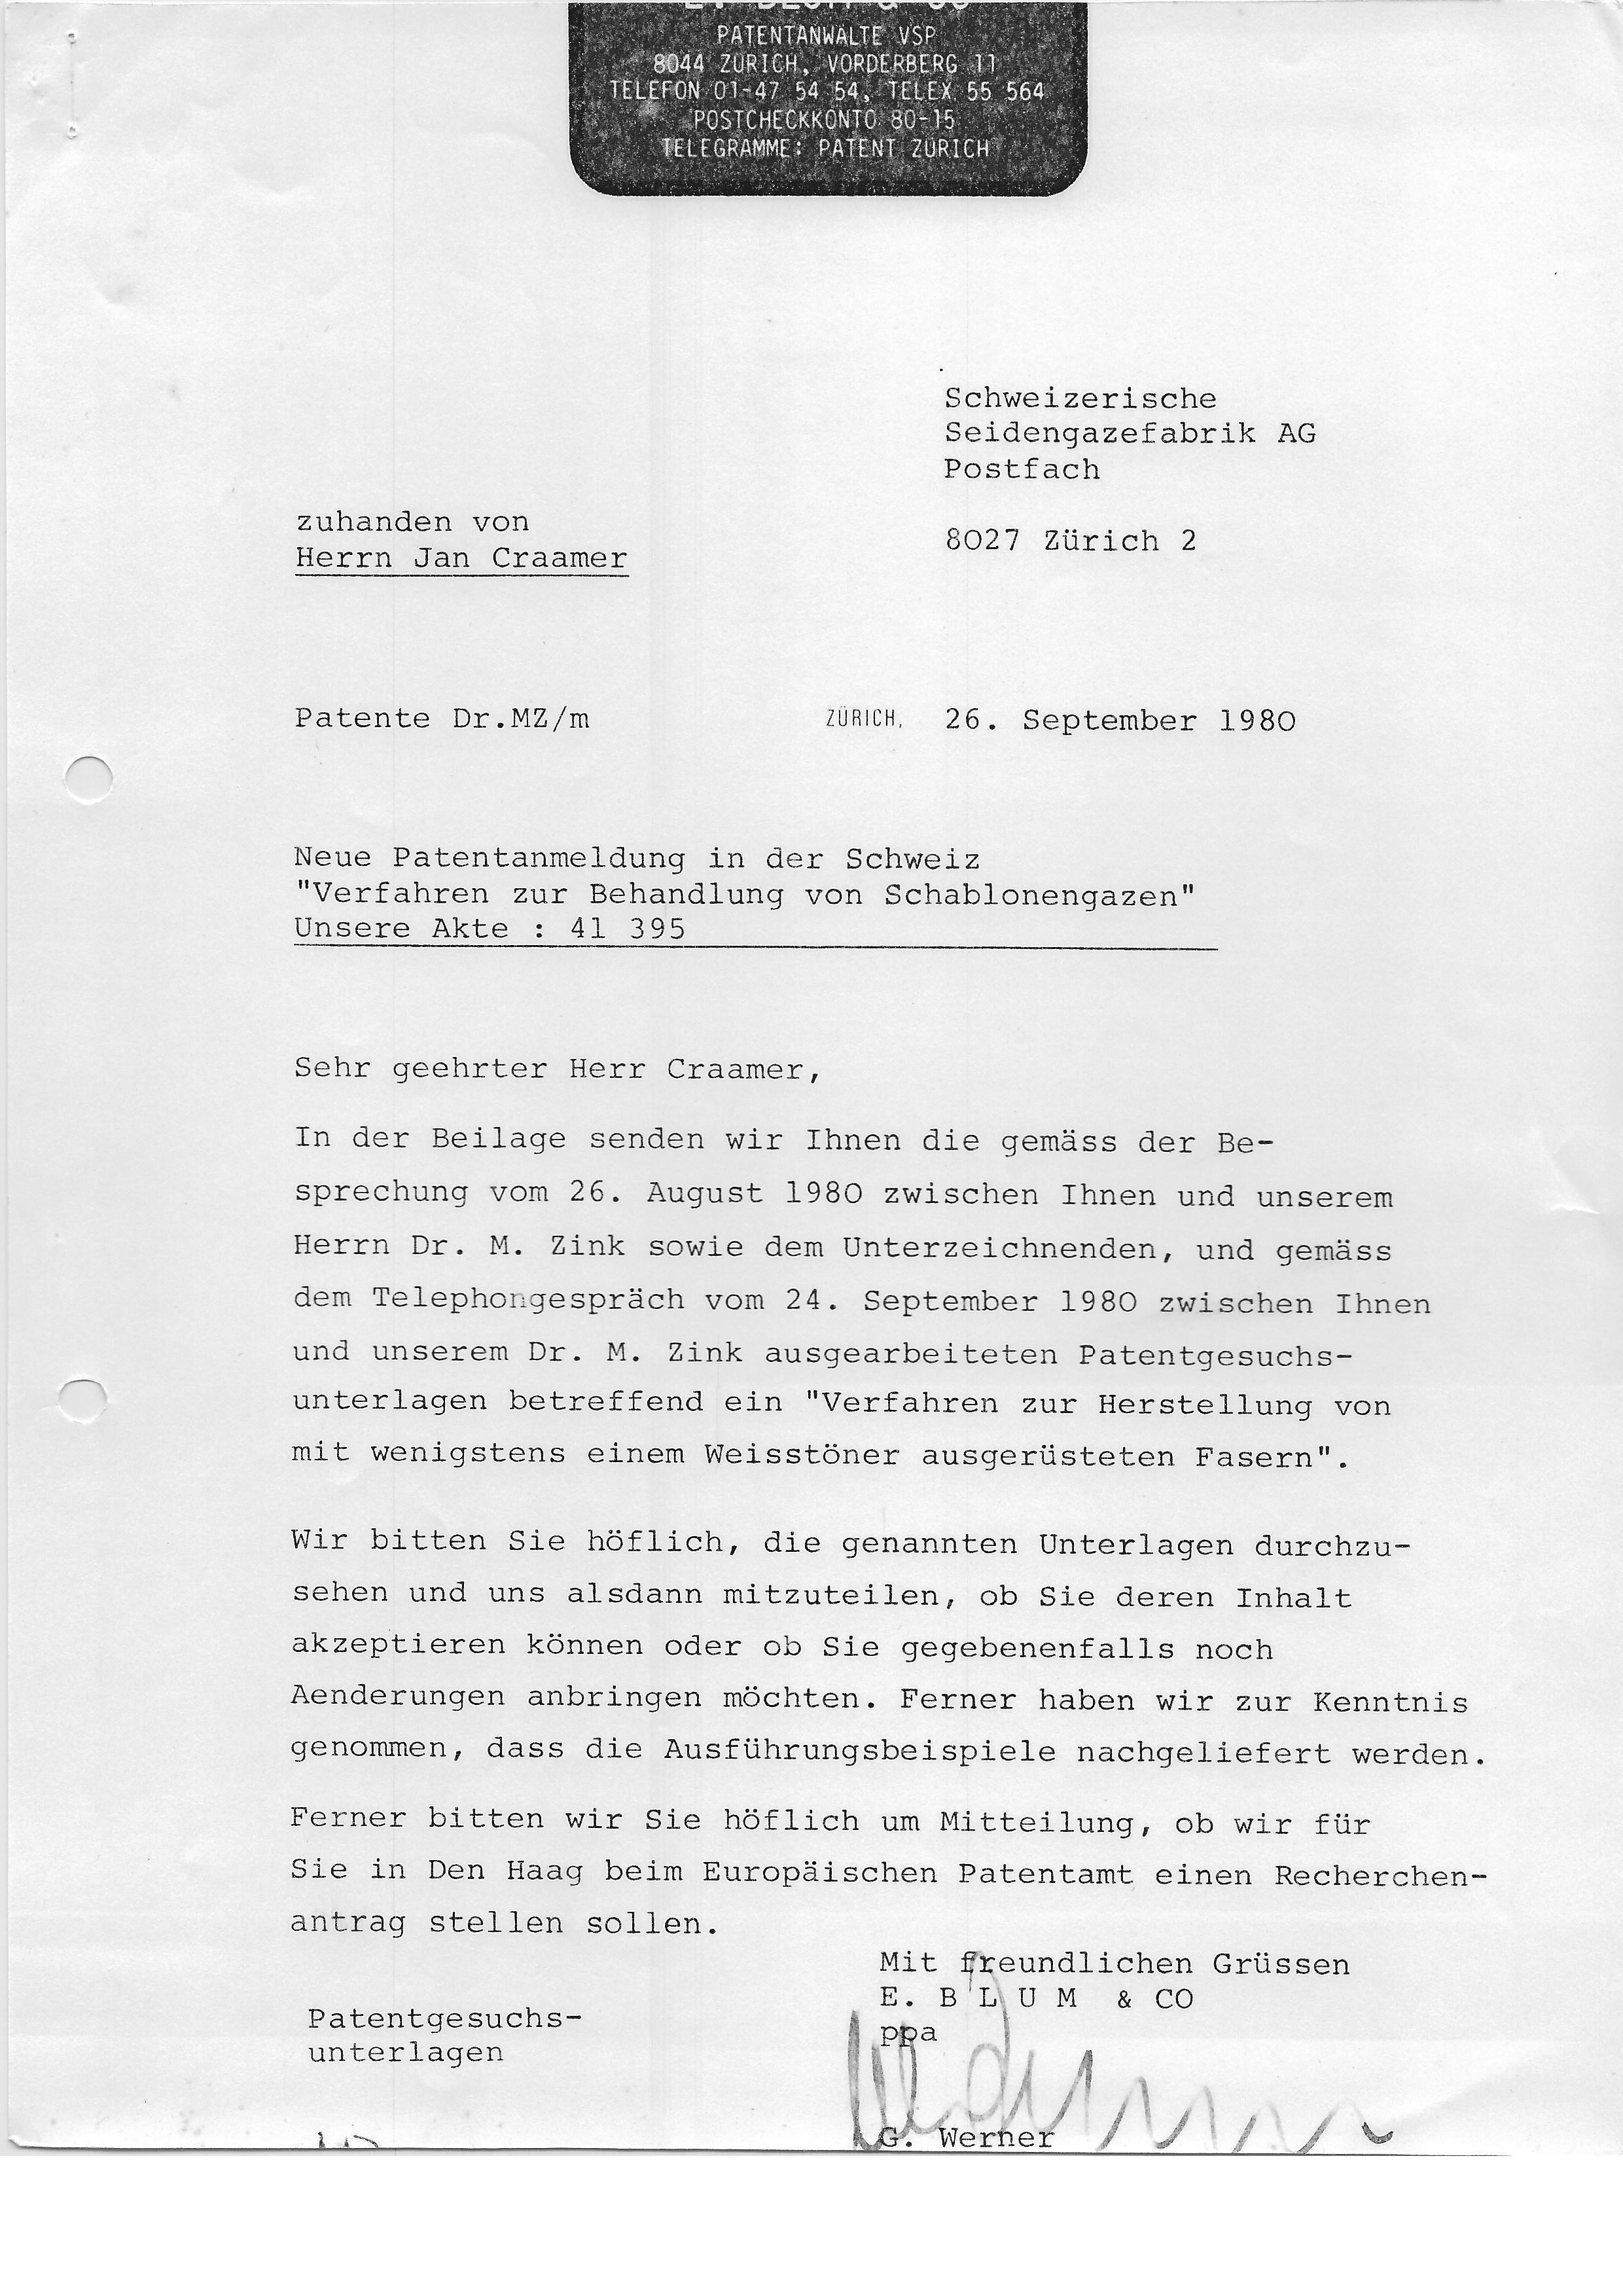 Patent Polymon SE [1]